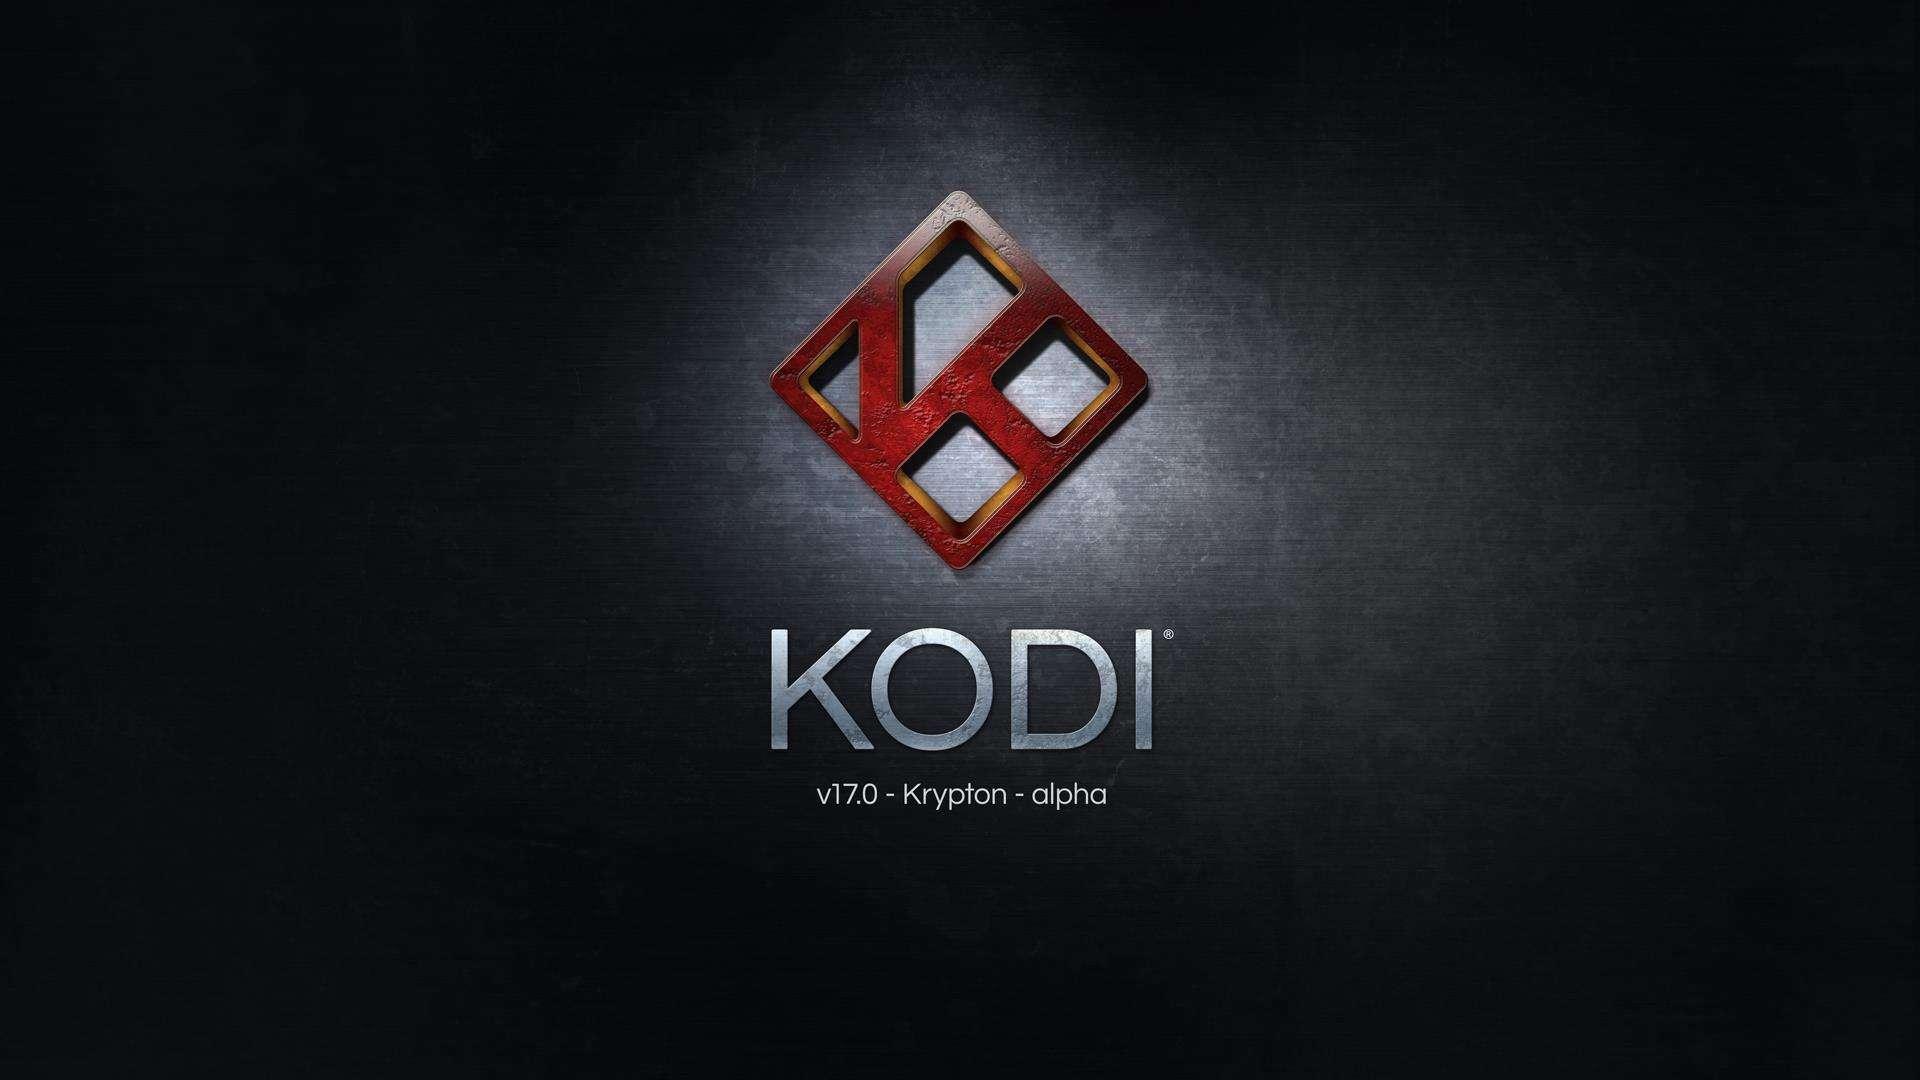 Best Kodi TV boxes - What's the best TV Streamer for Kodi